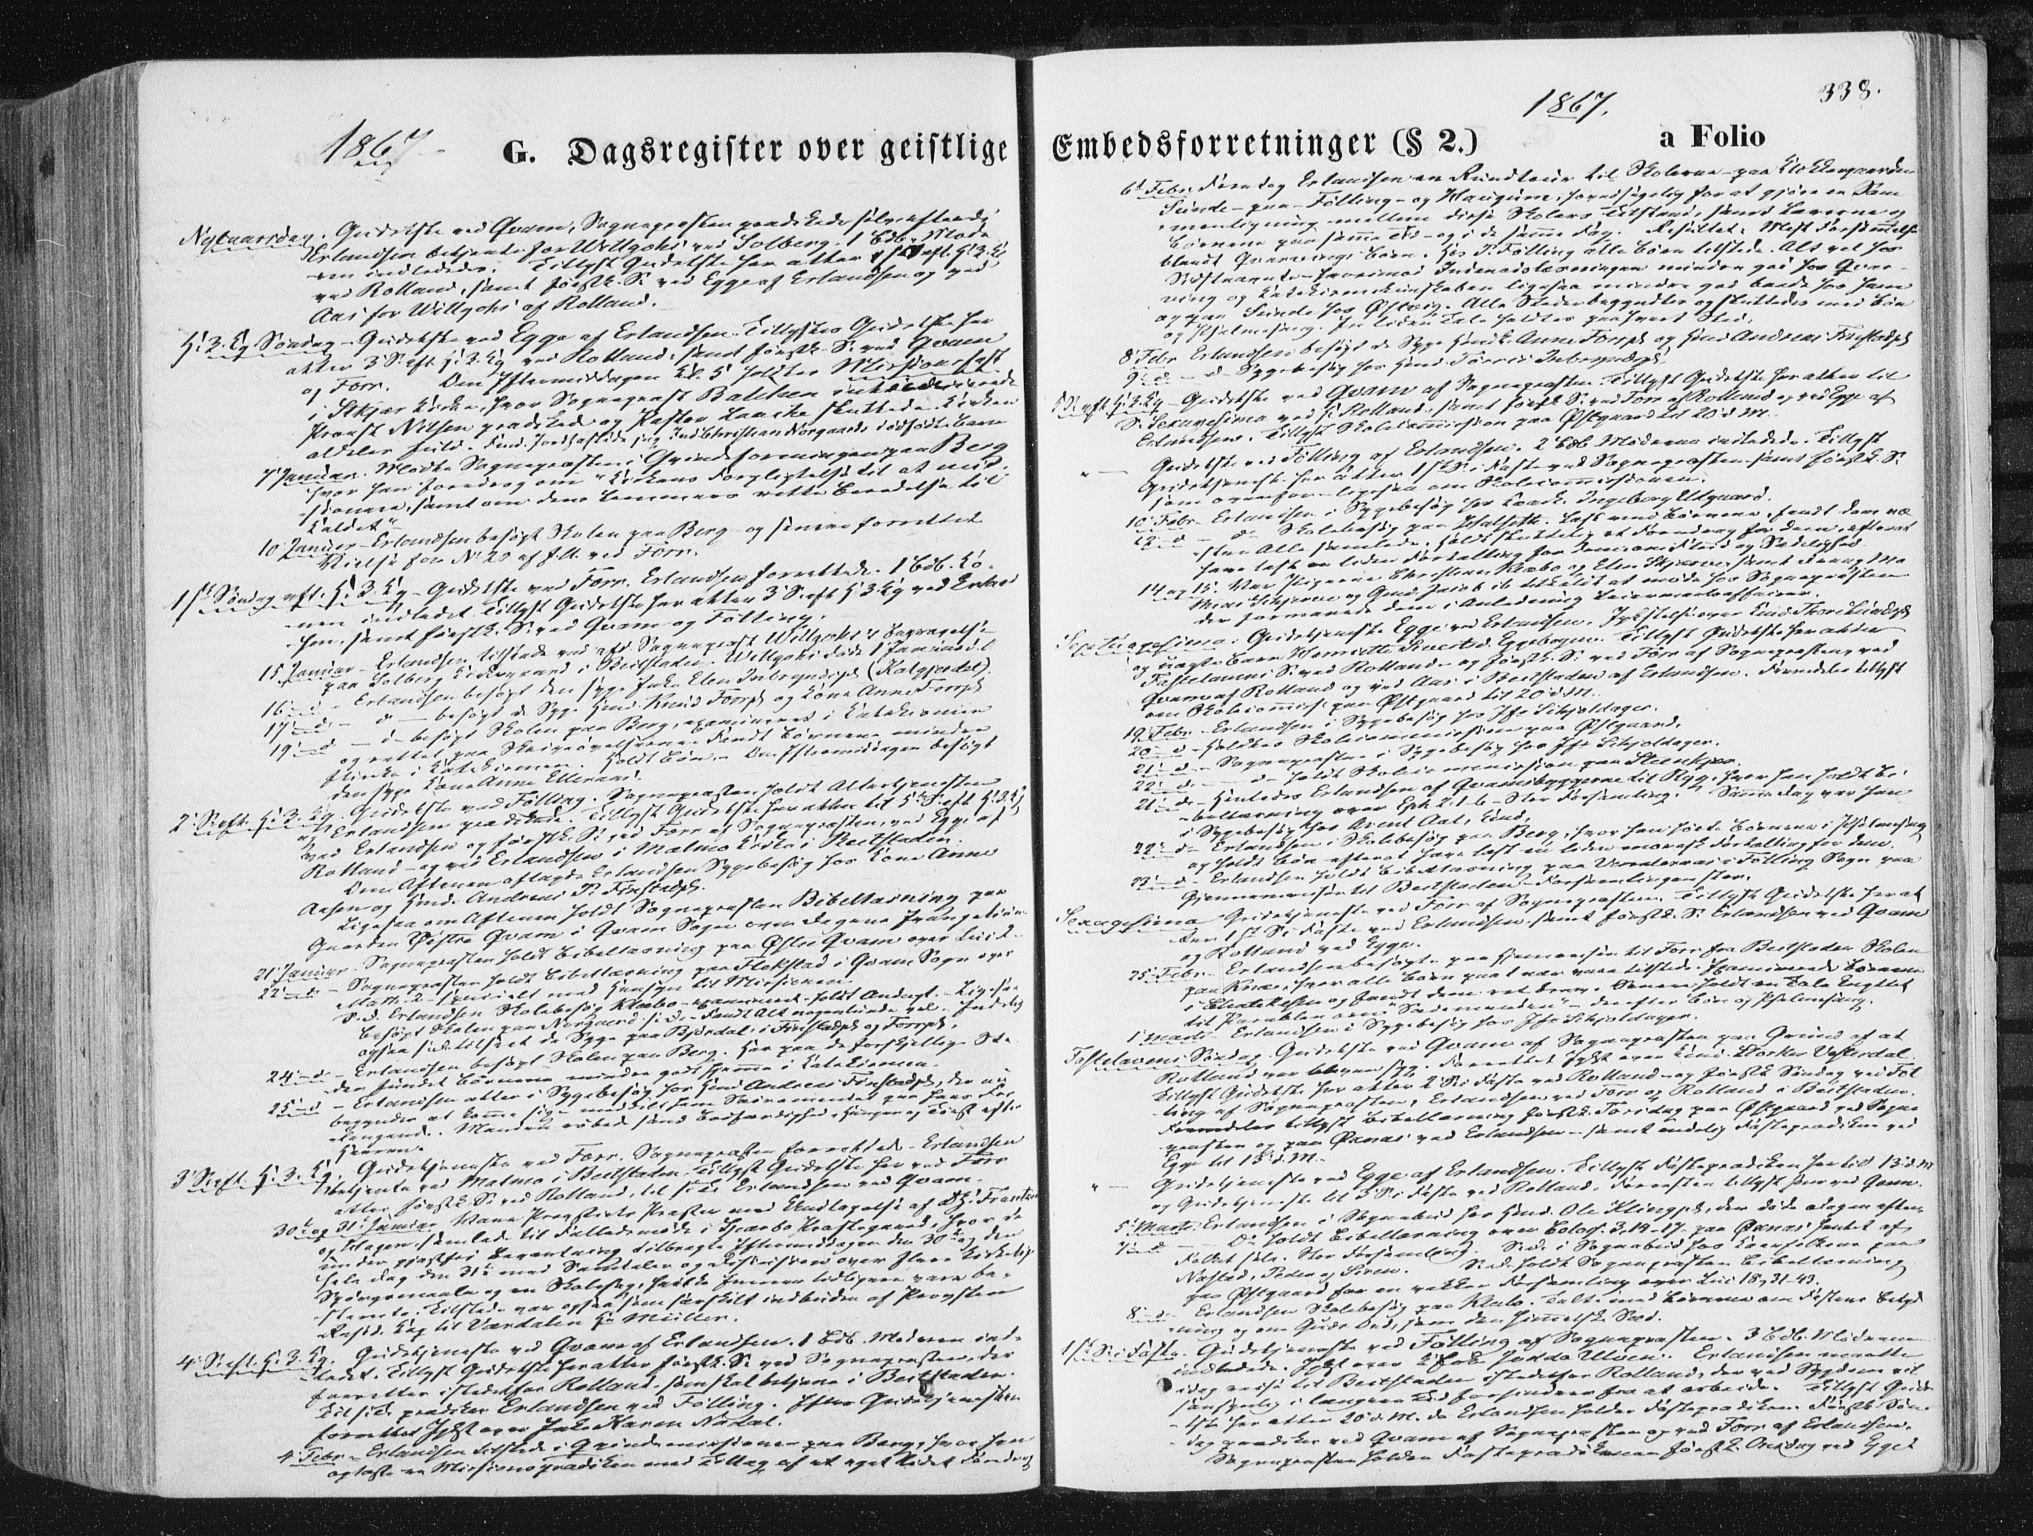 SAT, Ministerialprotokoller, klokkerbøker og fødselsregistre - Nord-Trøndelag, 746/L0447: Ministerialbok nr. 746A06, 1860-1877, s. 338